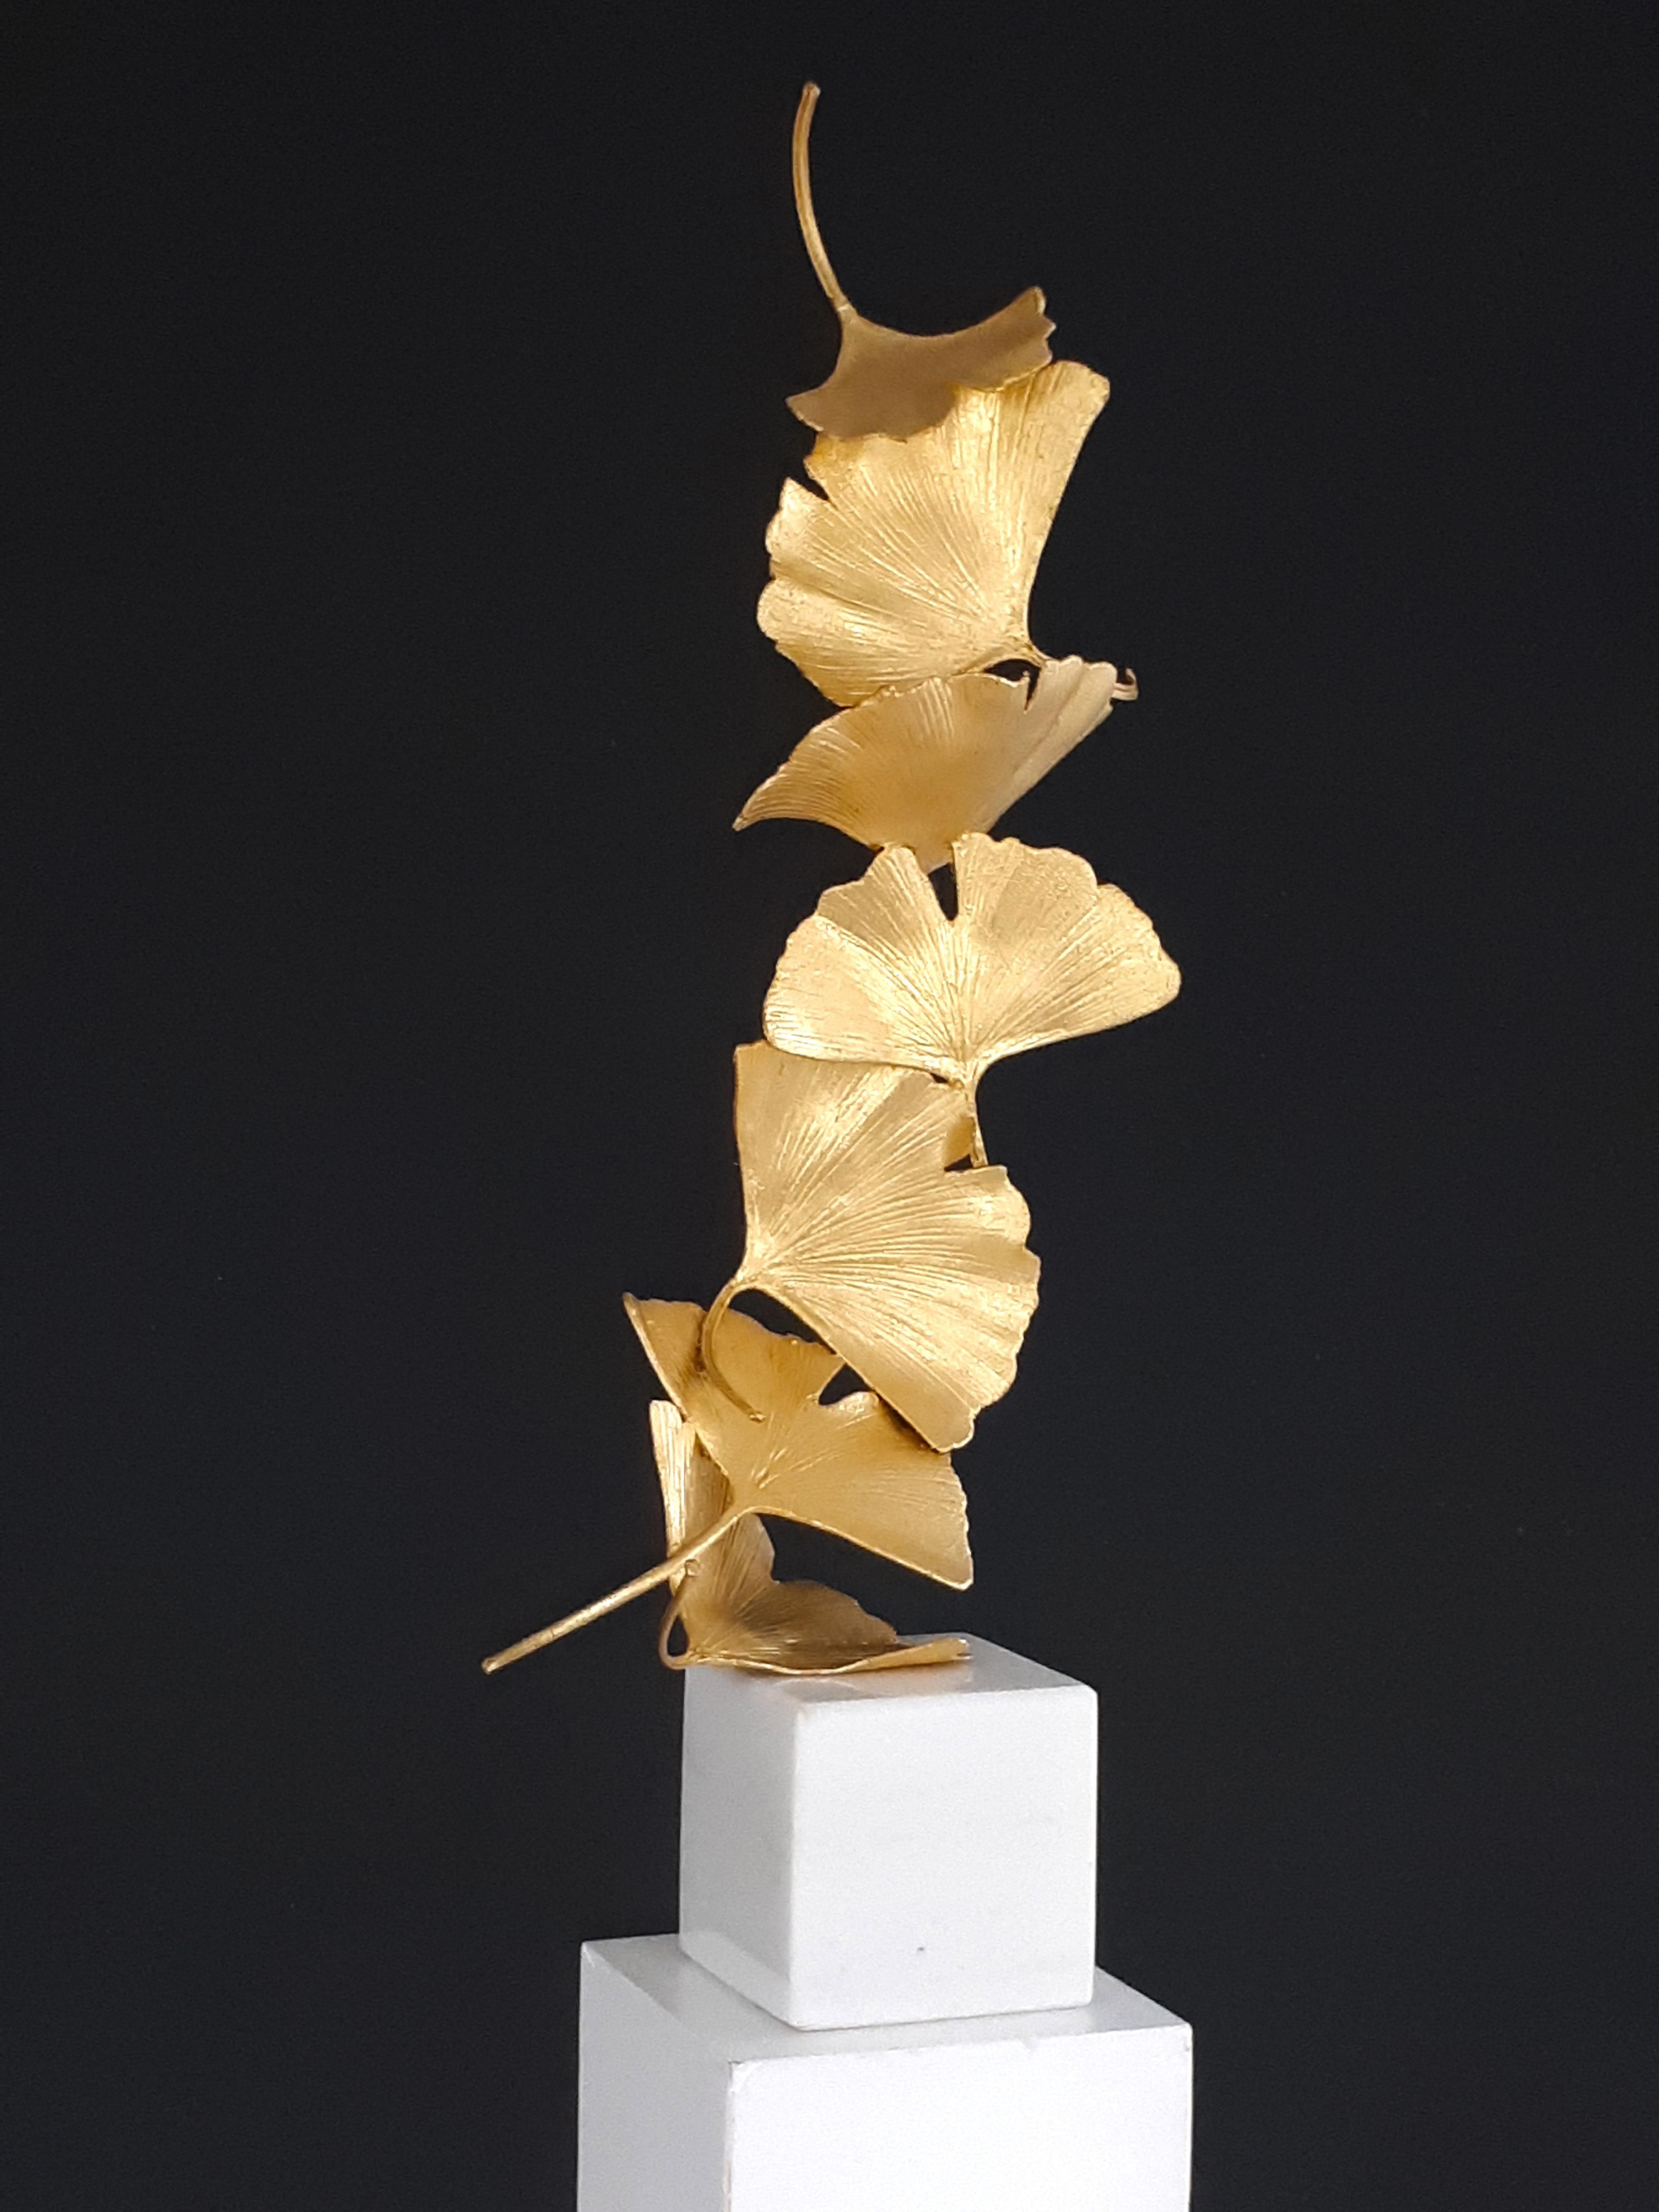 7 Golden Gingko Leaves - Gilded Brass sculpture on white marble base